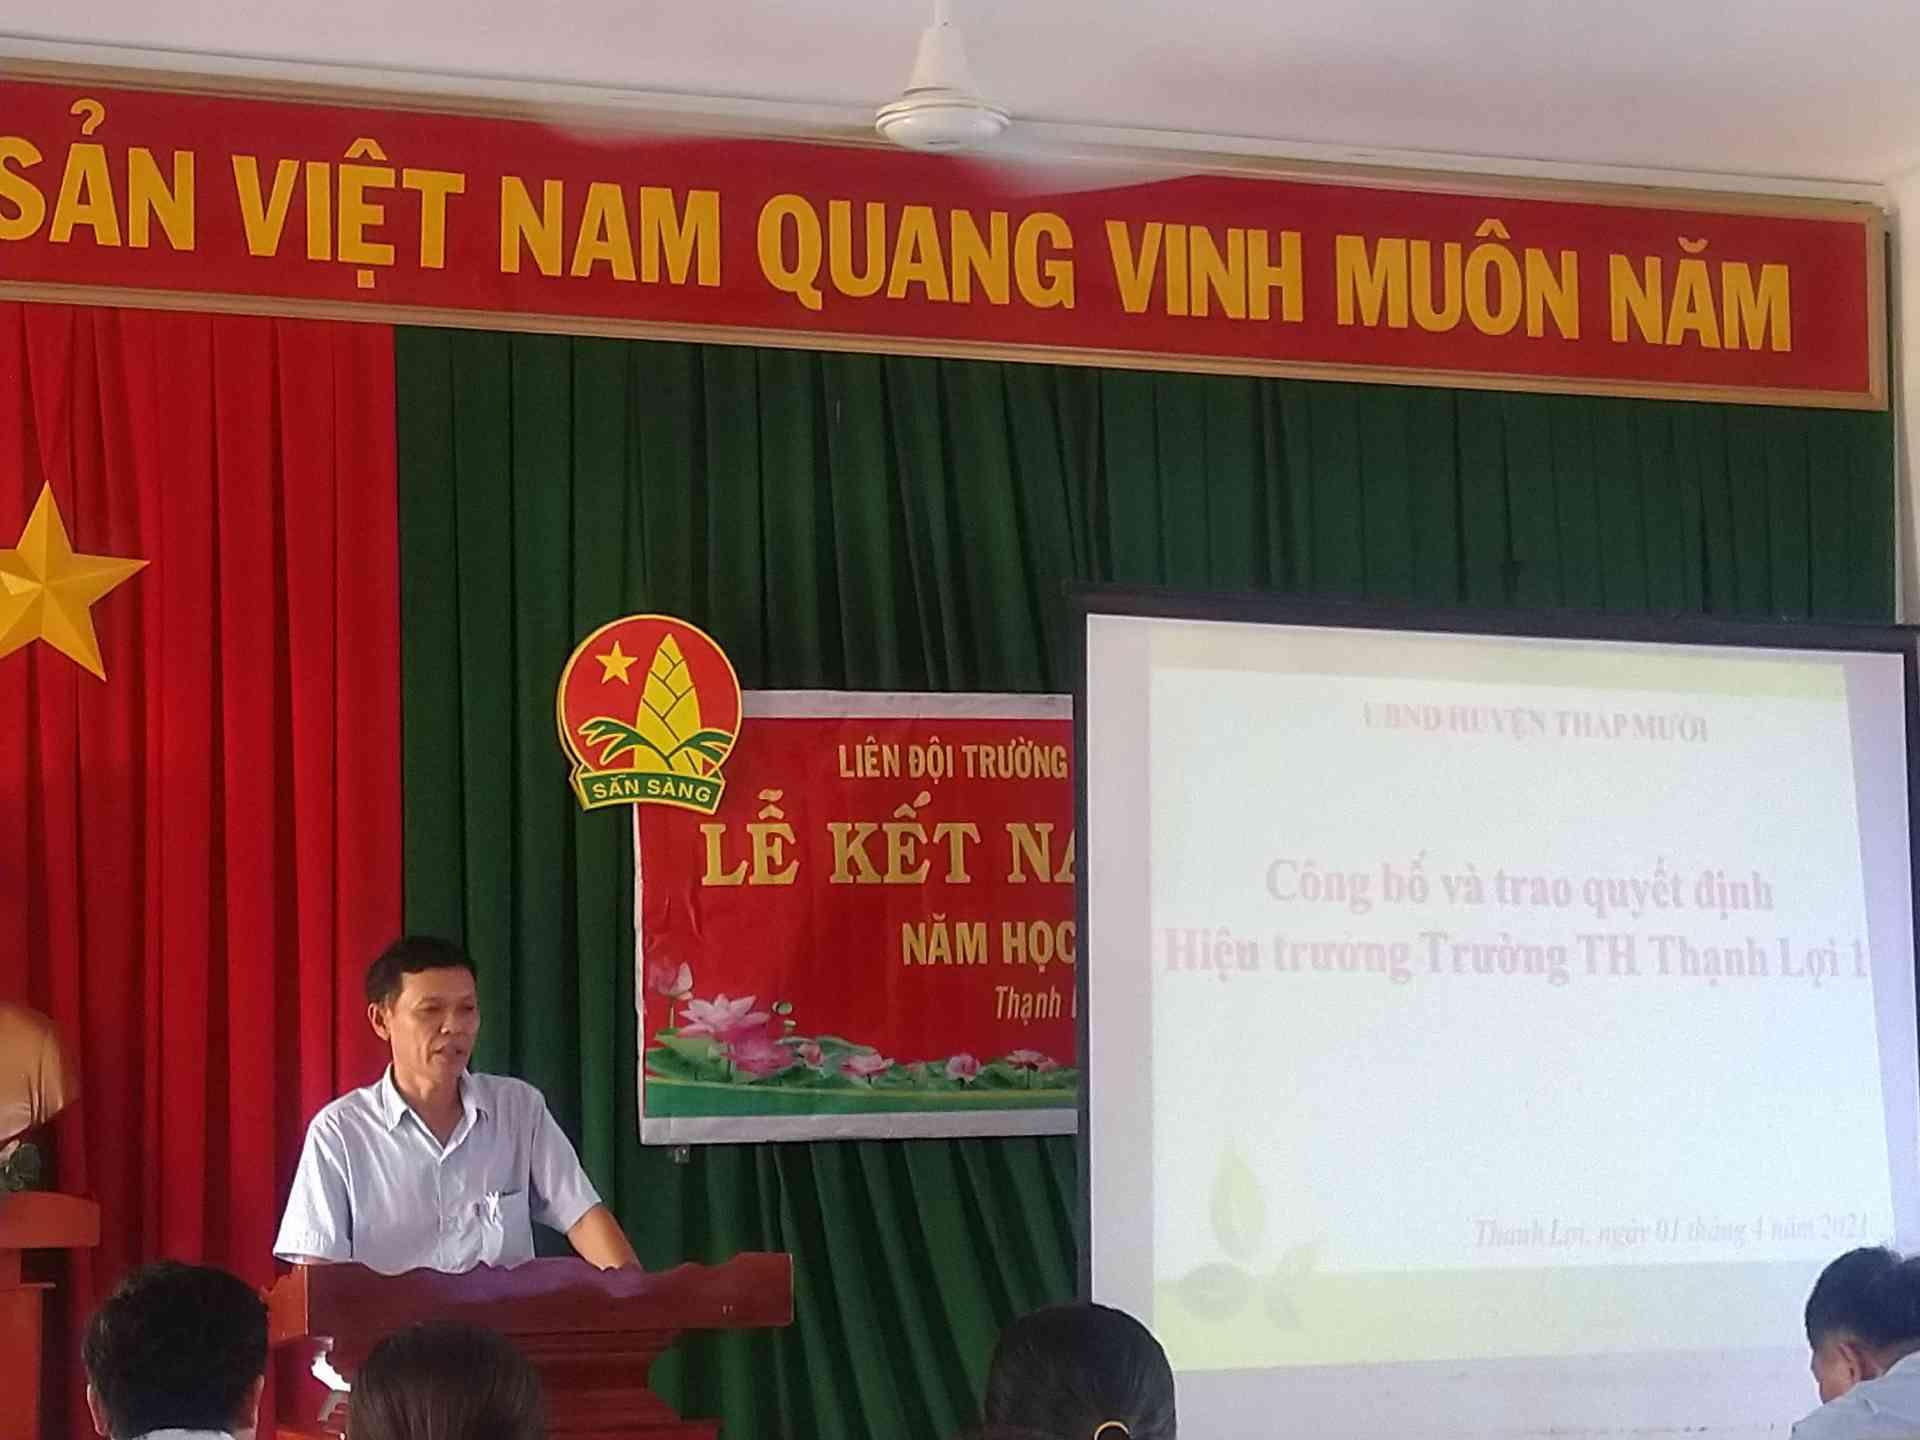 Thầy Nguyễn Ngọc Minh phát biểu trong buôit nhận quyết định hiệu trưởng.